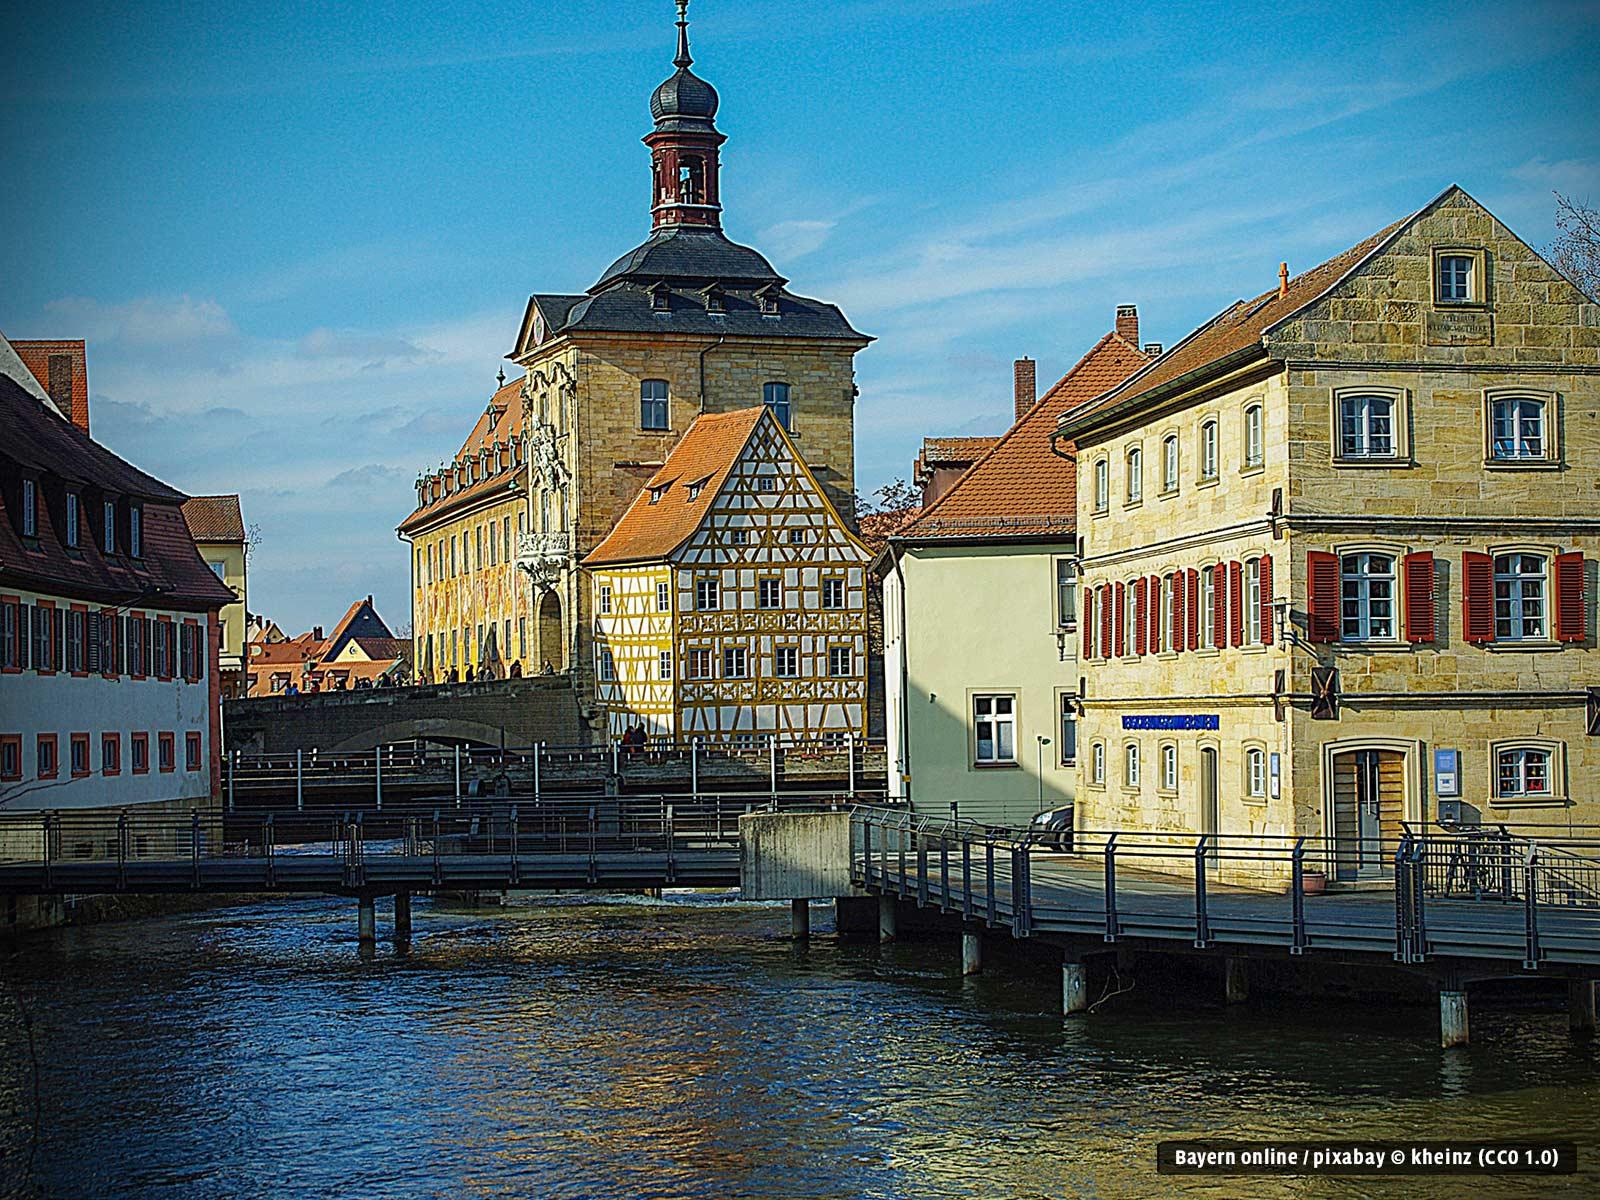 Sehenswürdigkeiten | Sehenswürdigkeiten in Bamberg ...